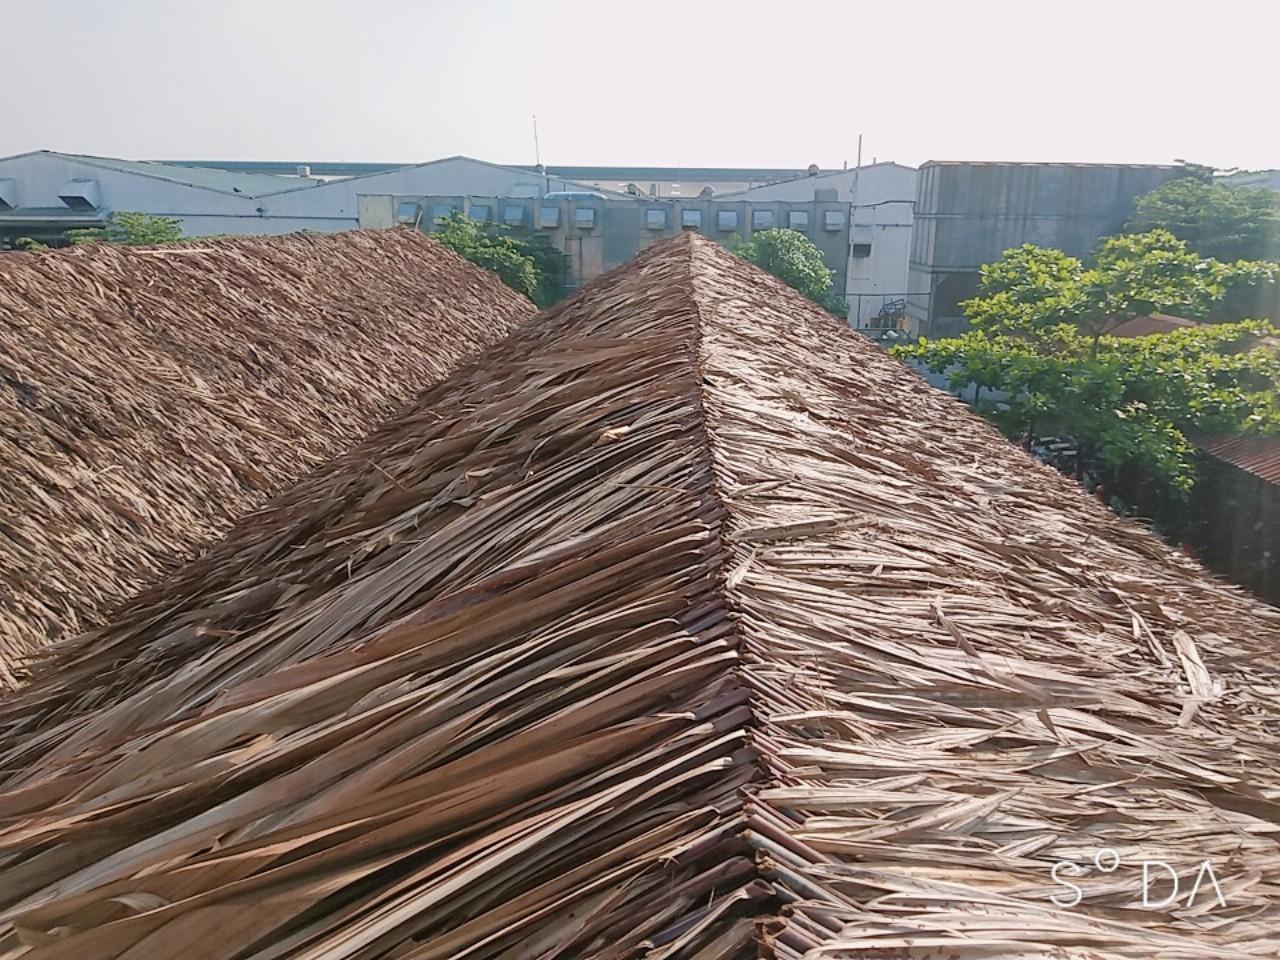 Quy trình xử lý chất liệu -Làm nhà mái láchất liệu chính là lá dừa nước